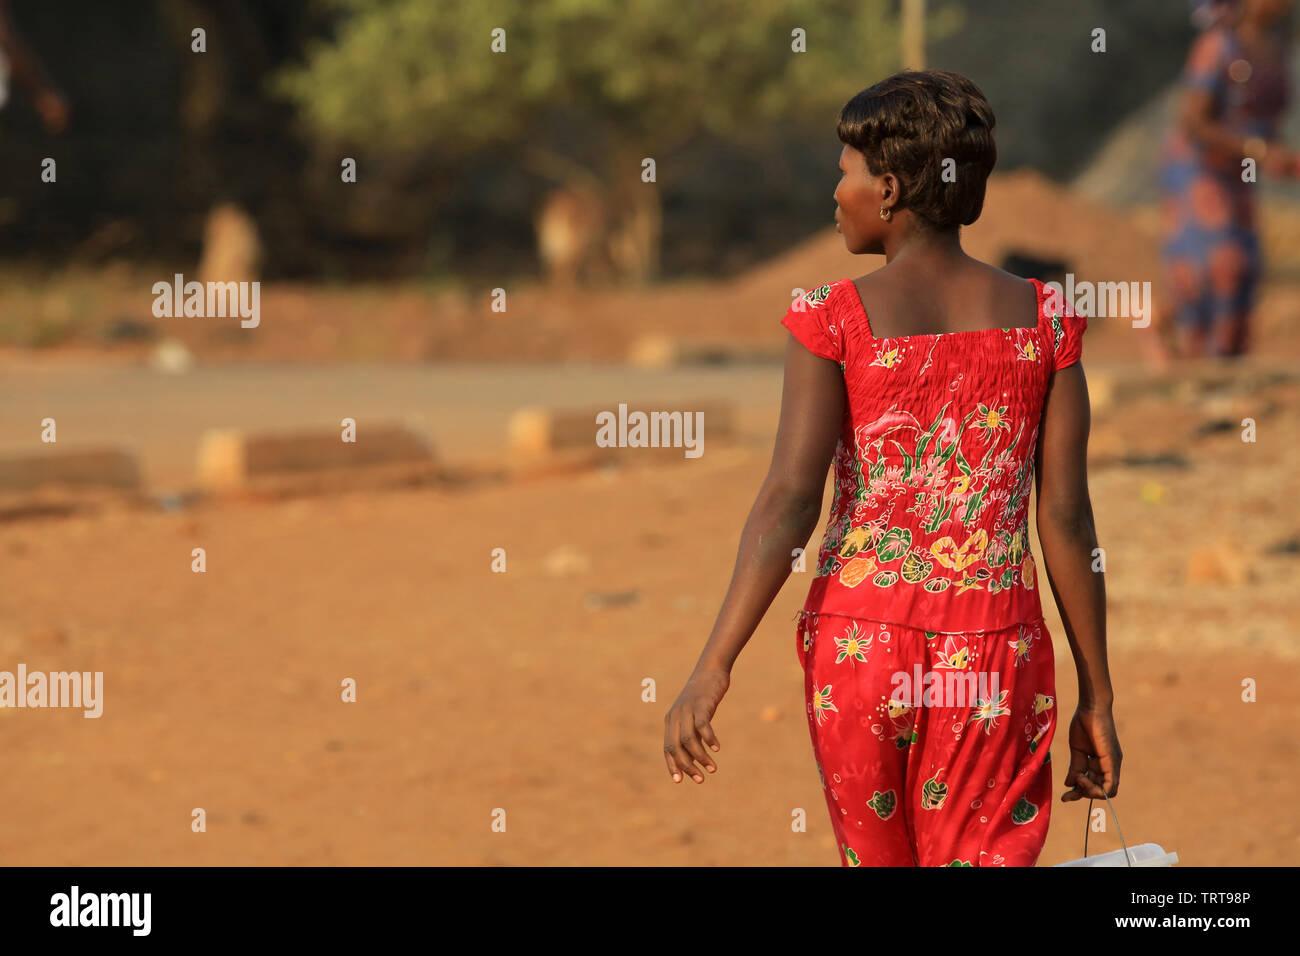 Jeune femme togolaise marchant dans la rue.Togo. Afrique de l'Ouest. Immagini Stock